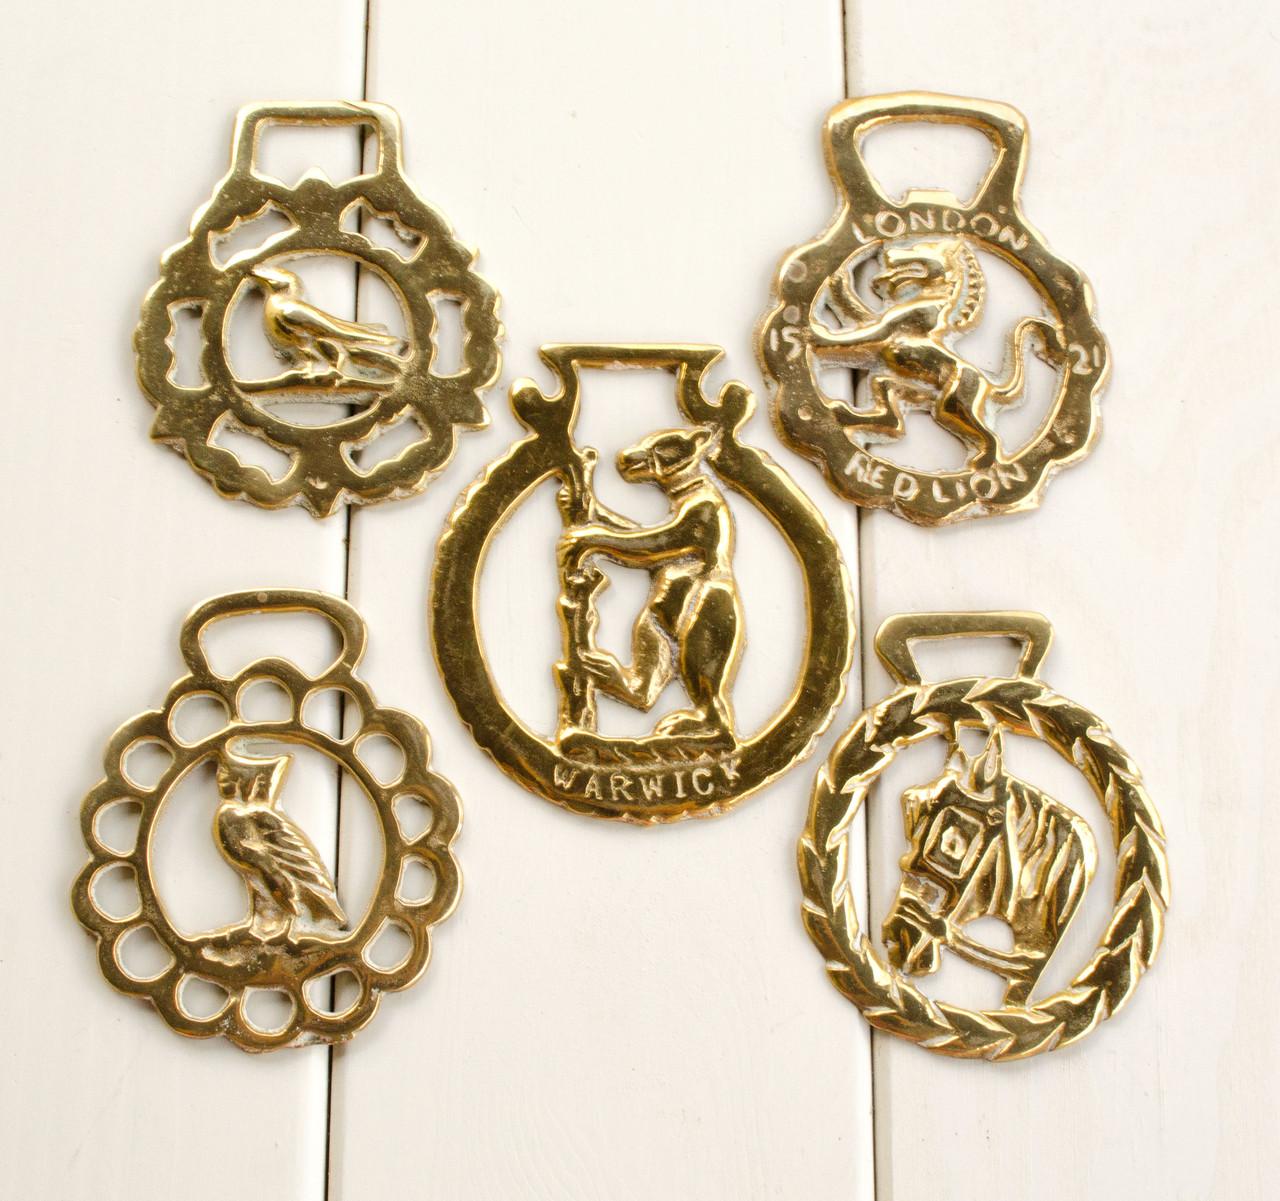 Латунні медальйони для кінської збруї, вінтаж, латунь, Англія